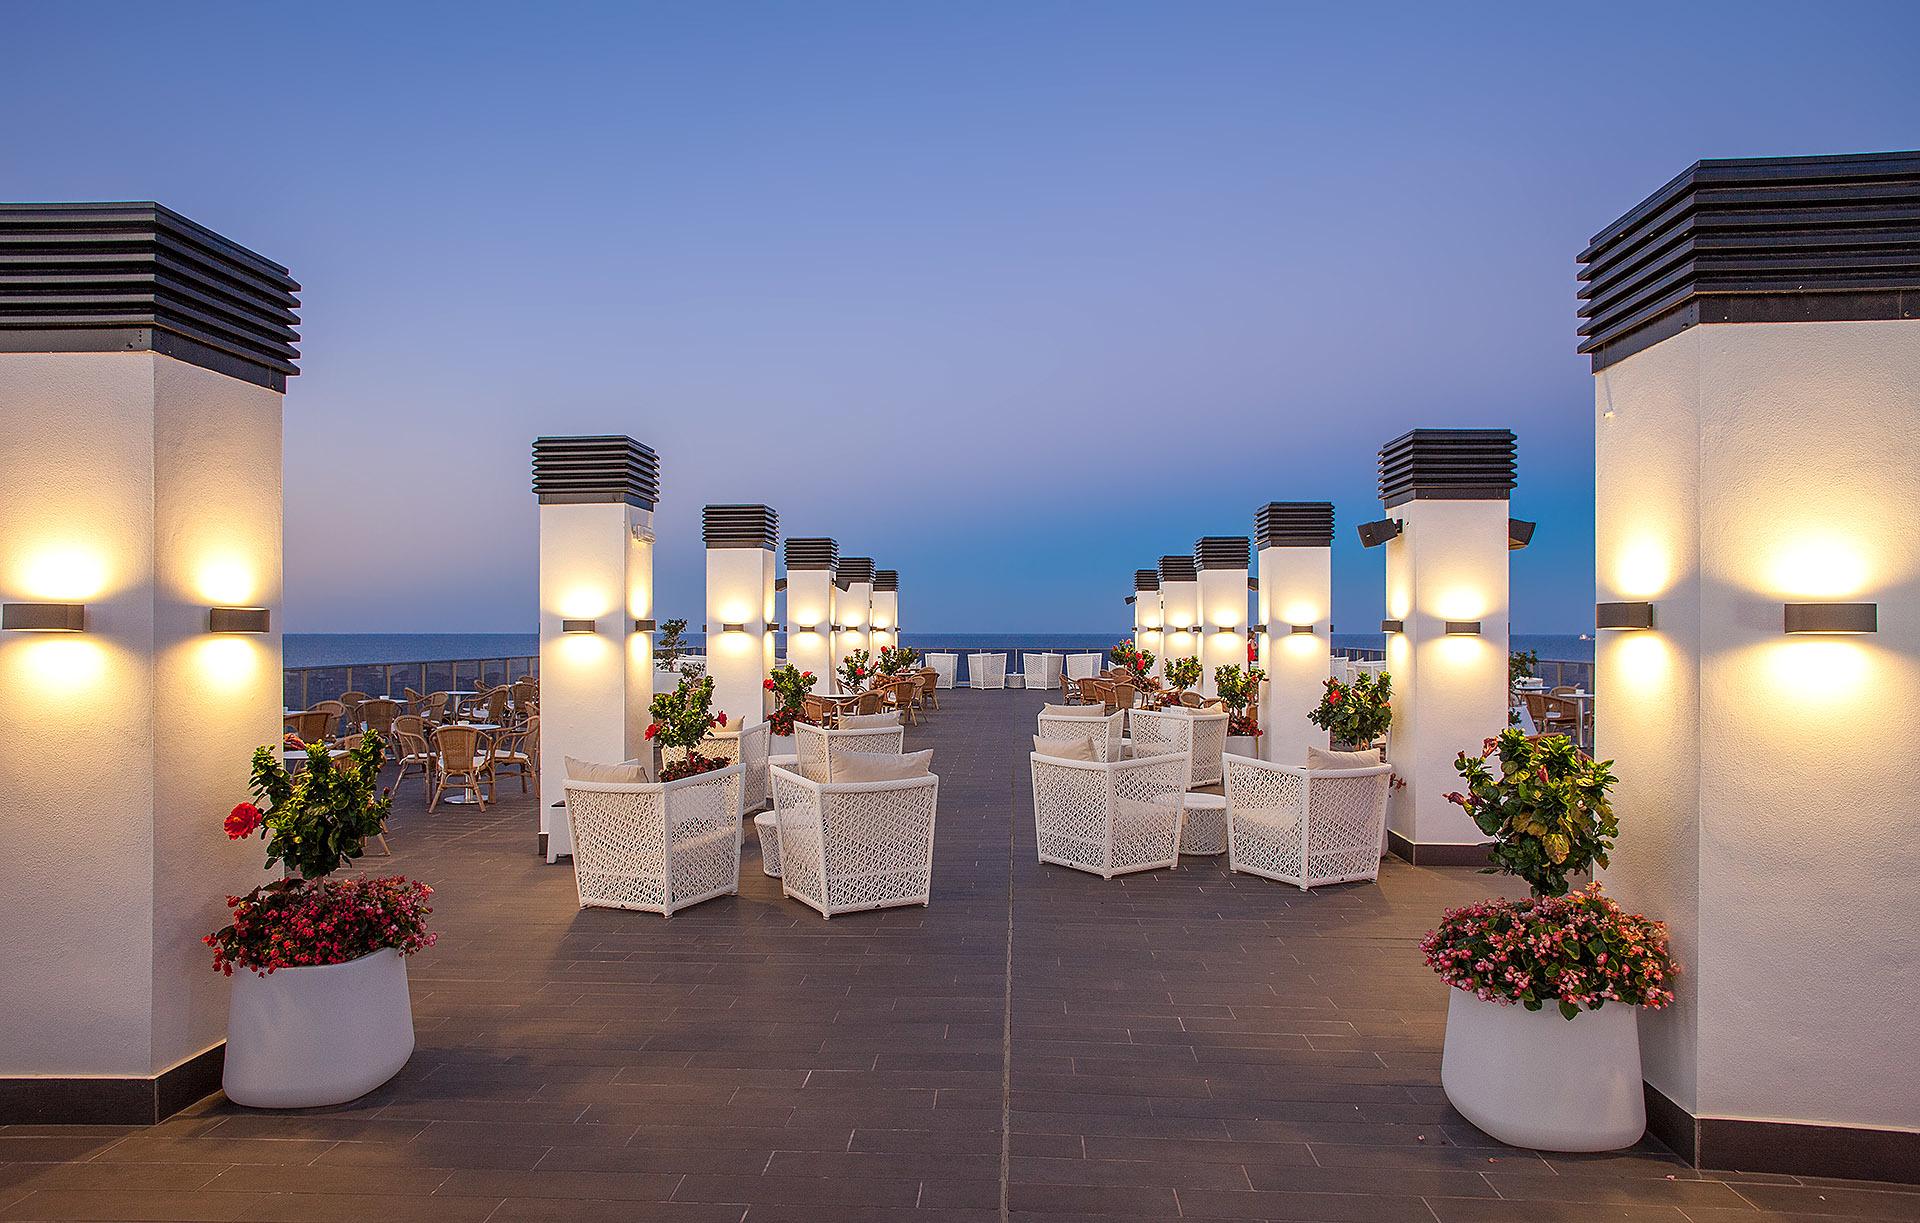 Terraza-Chill out Moon, en el Hotel RH Bayren, el lugar con mejor...